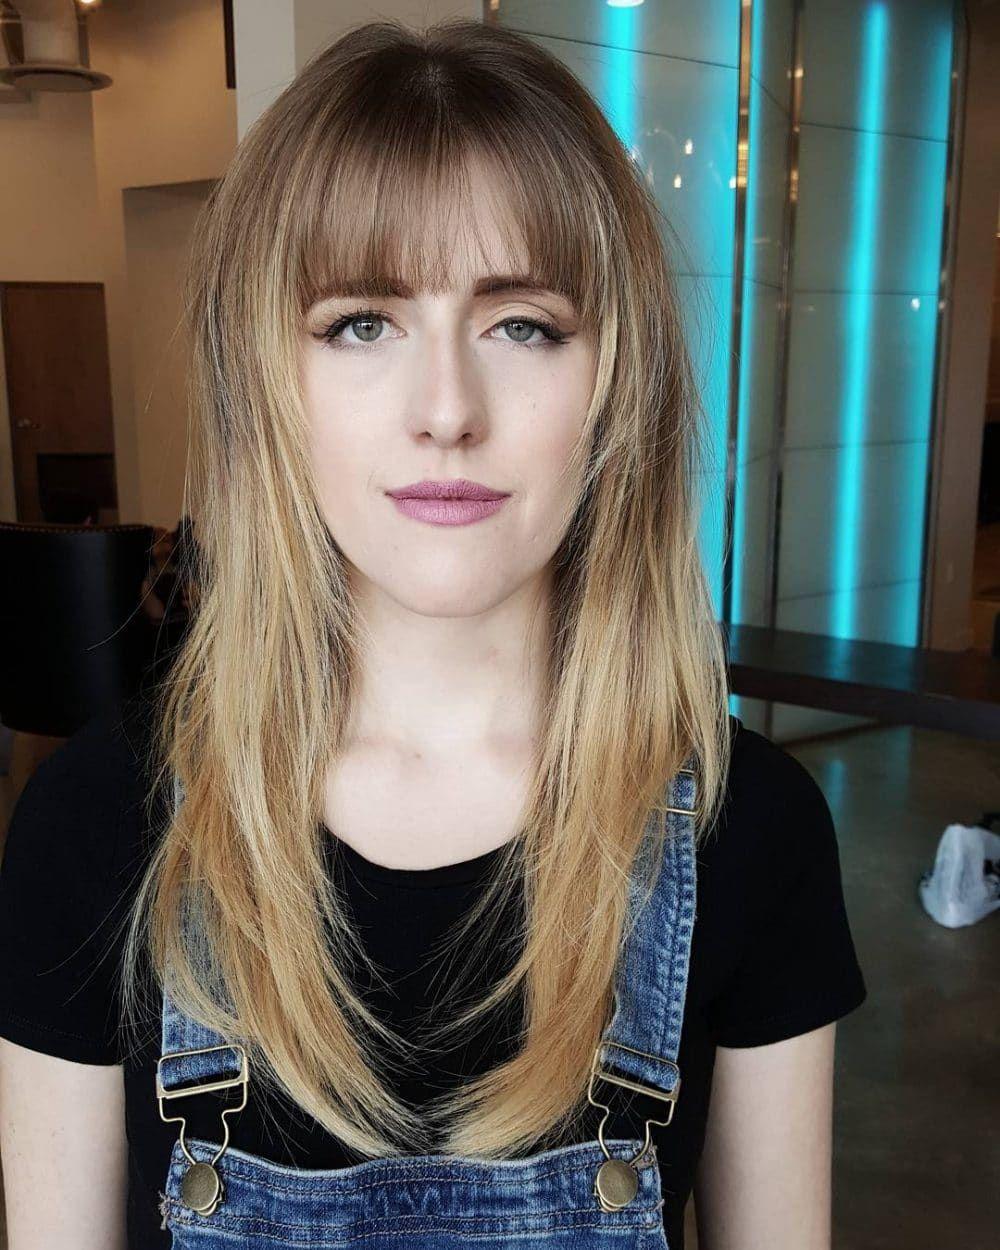 Frisuren Die Sie Lange Haare Mit Pony Machen Wollen #neueFrisuren